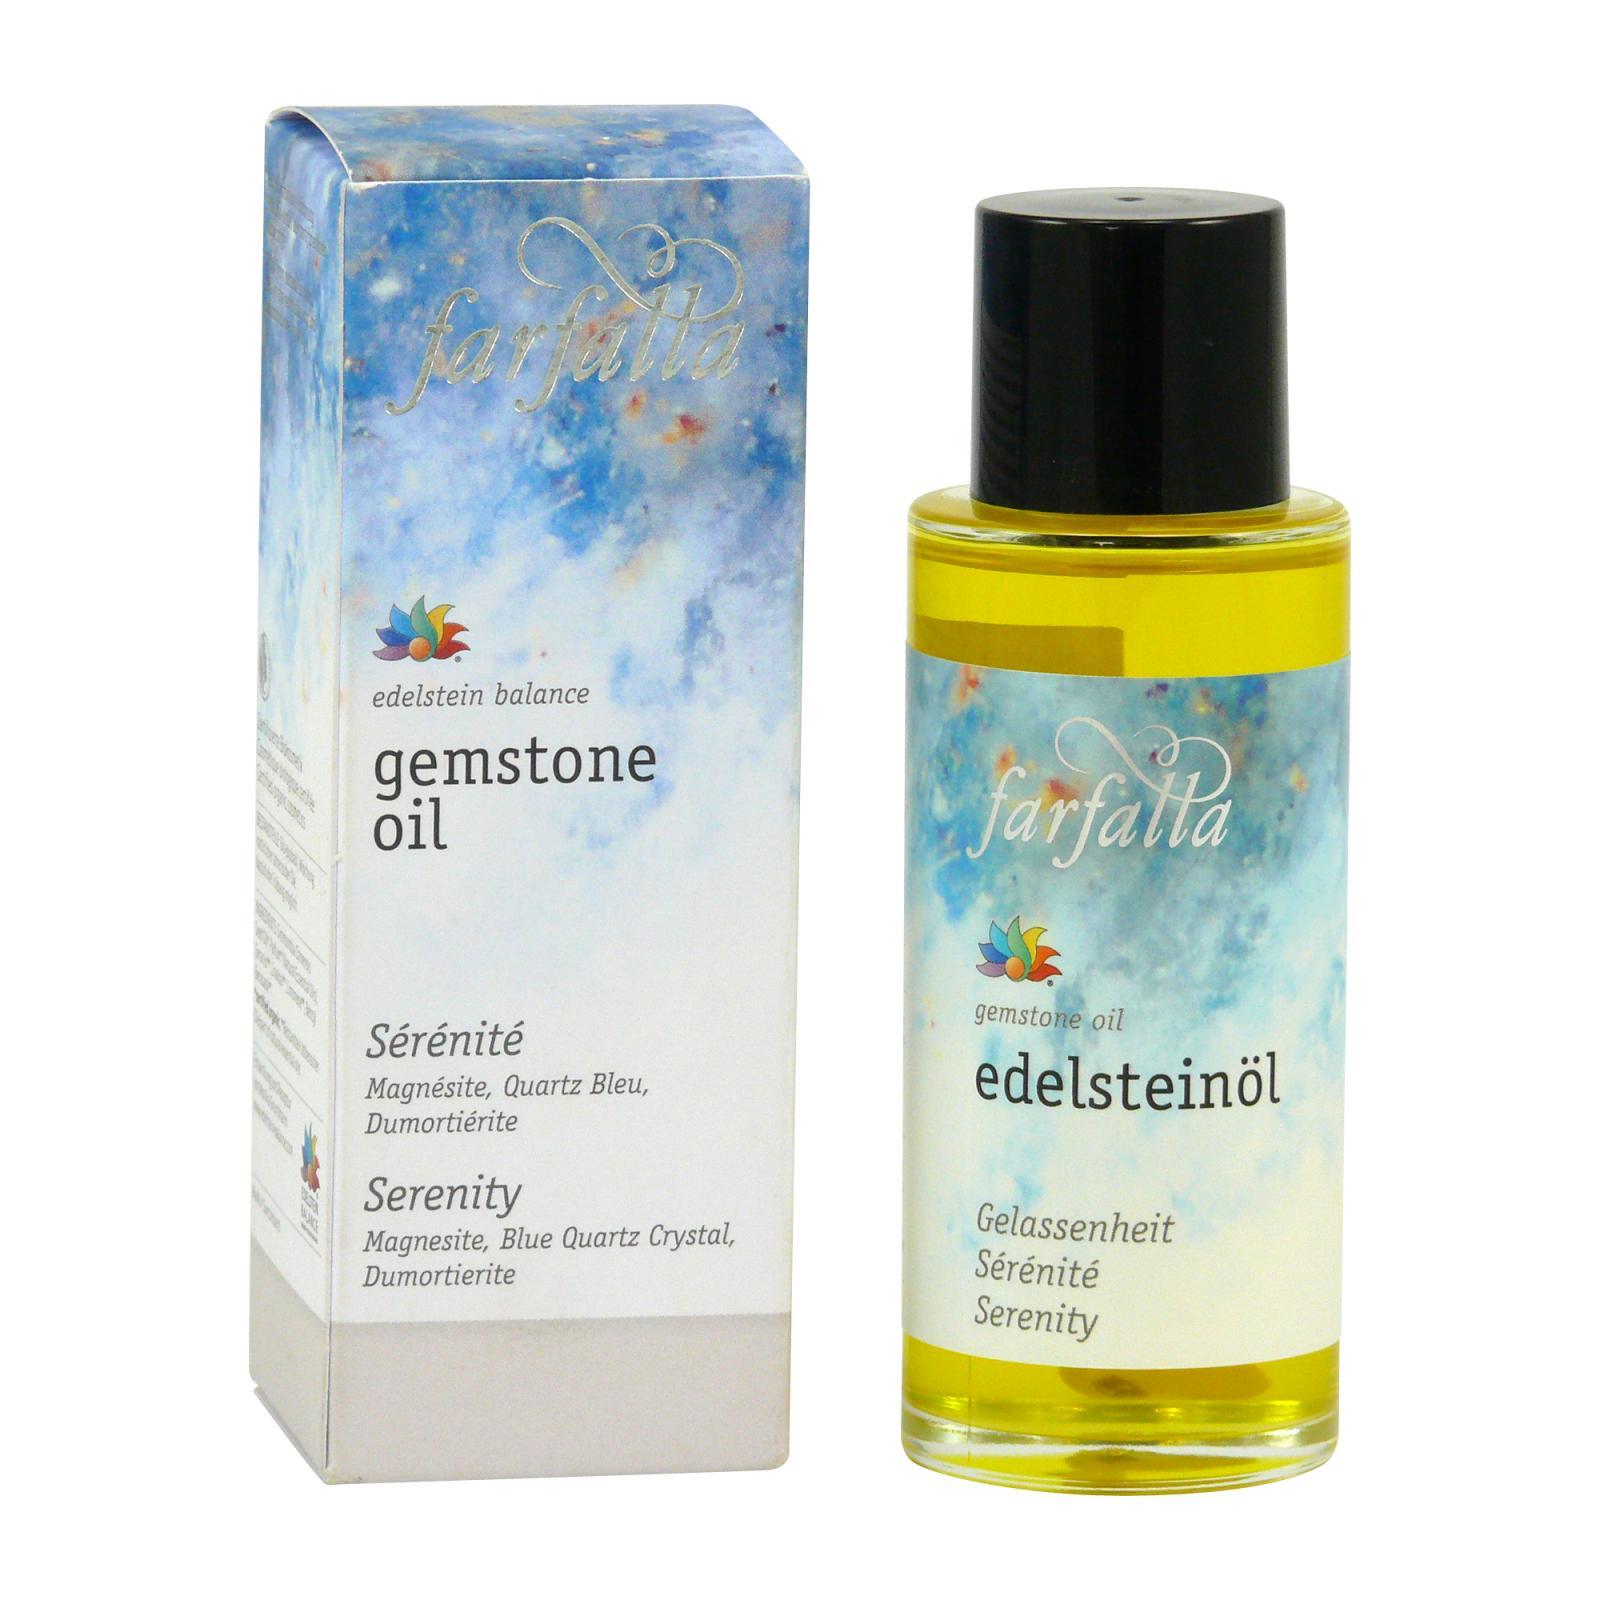 Farfalla Drahokamový pleťový a tělový olej Rovnováha 80 ml